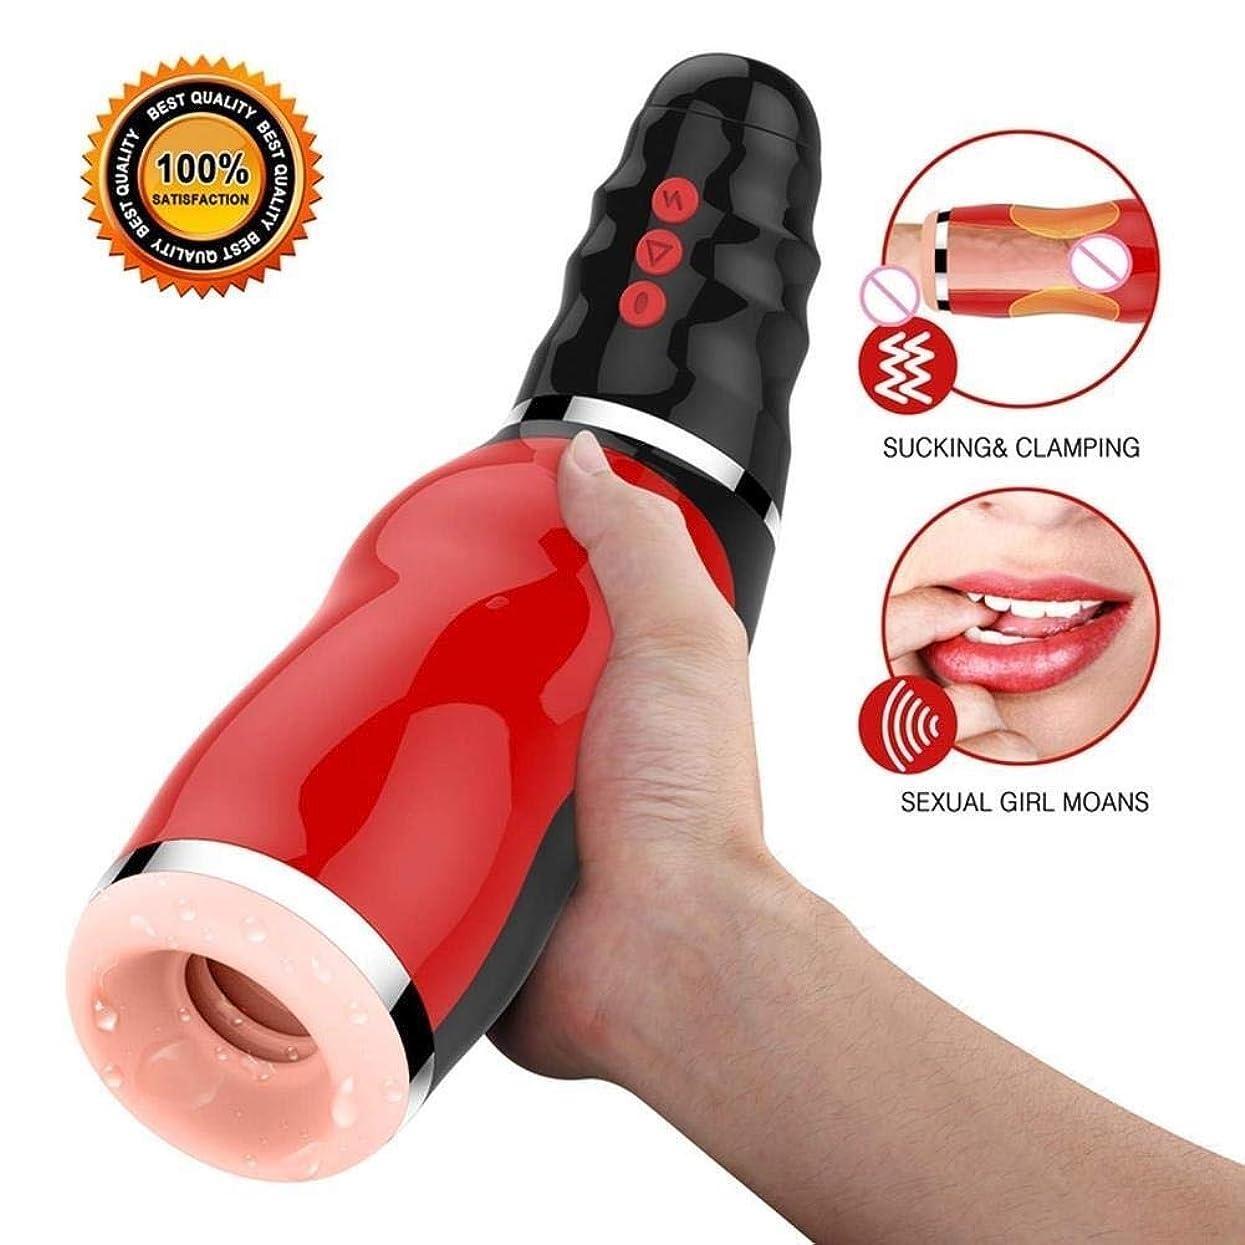 良心的めったにかける男性の電気おもちゃ全自動吸盤男のおもちゃミニ振動マッサージ装置は、体と筋肉をリラックス-最高の贈り物